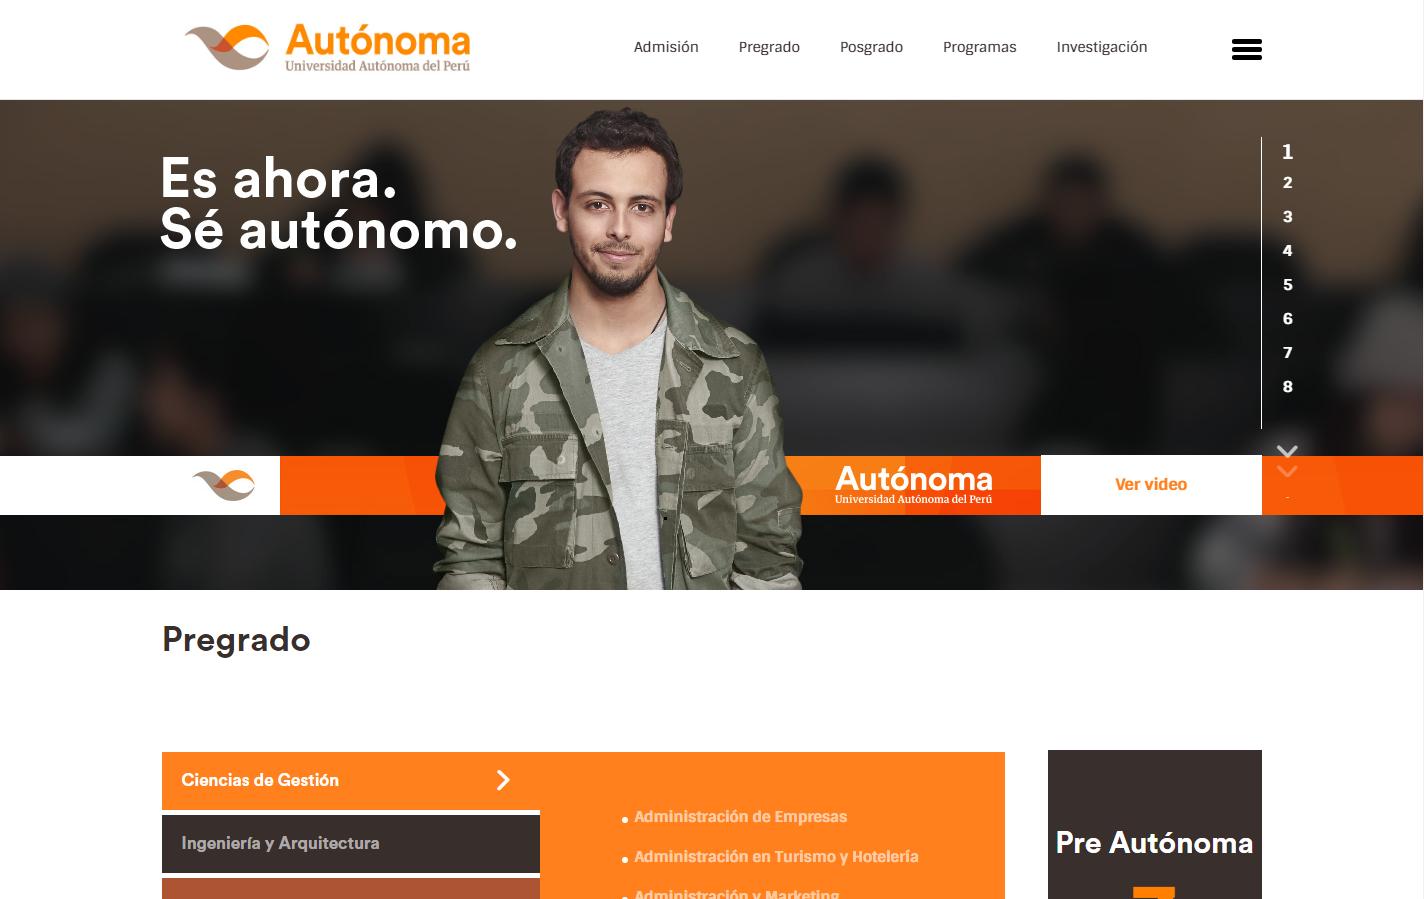 estructura-informacion-pagina-web-educativa-1